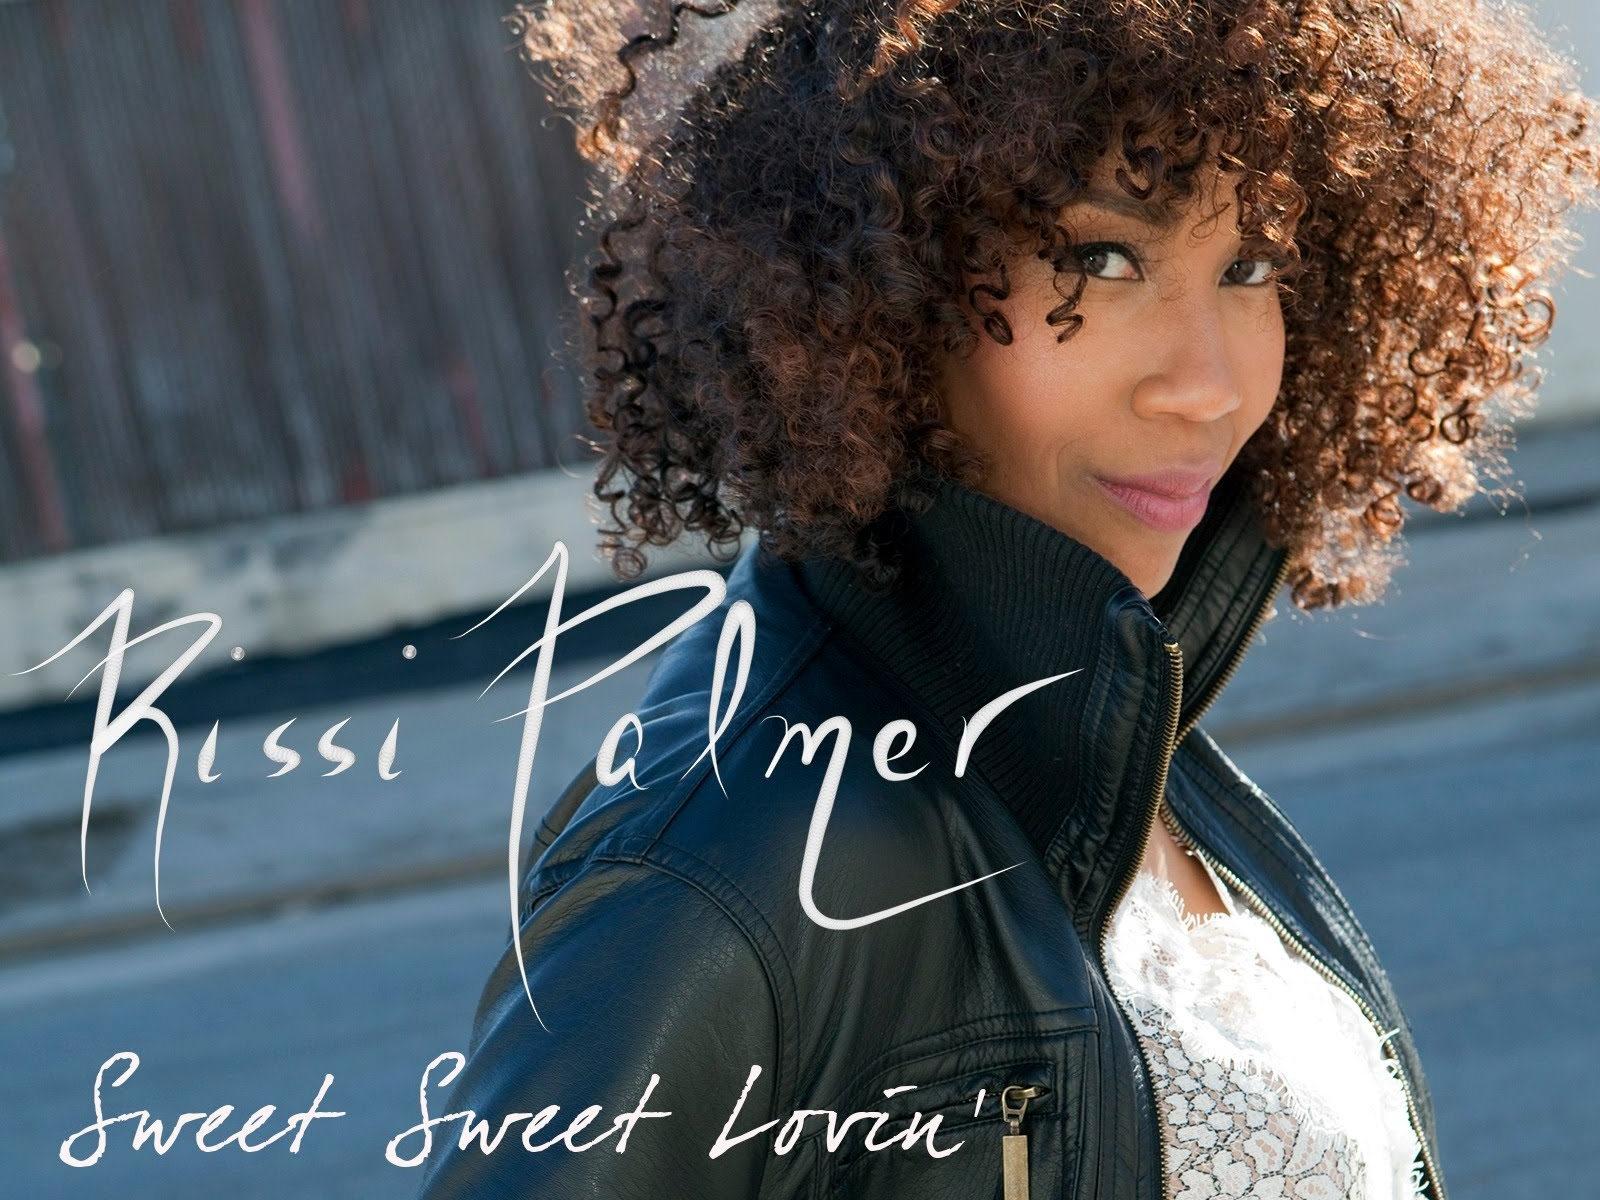 Rissi Palmer Sweet Sweet Lovin' Single